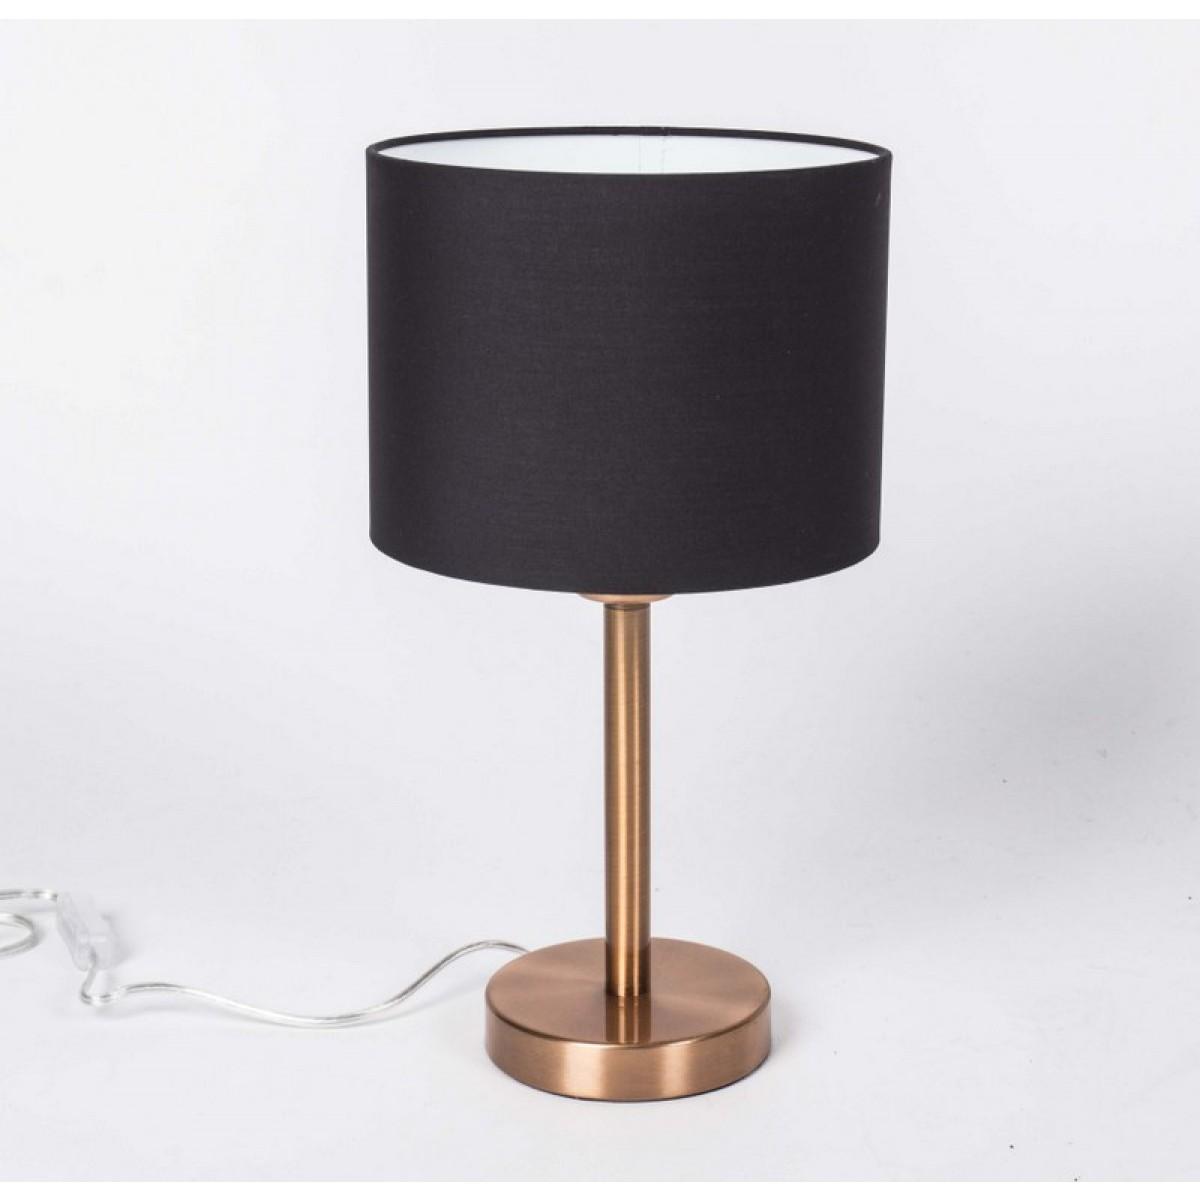 tischleuchte mit lampenschirm schwarz tischlampe farbe. Black Bedroom Furniture Sets. Home Design Ideas